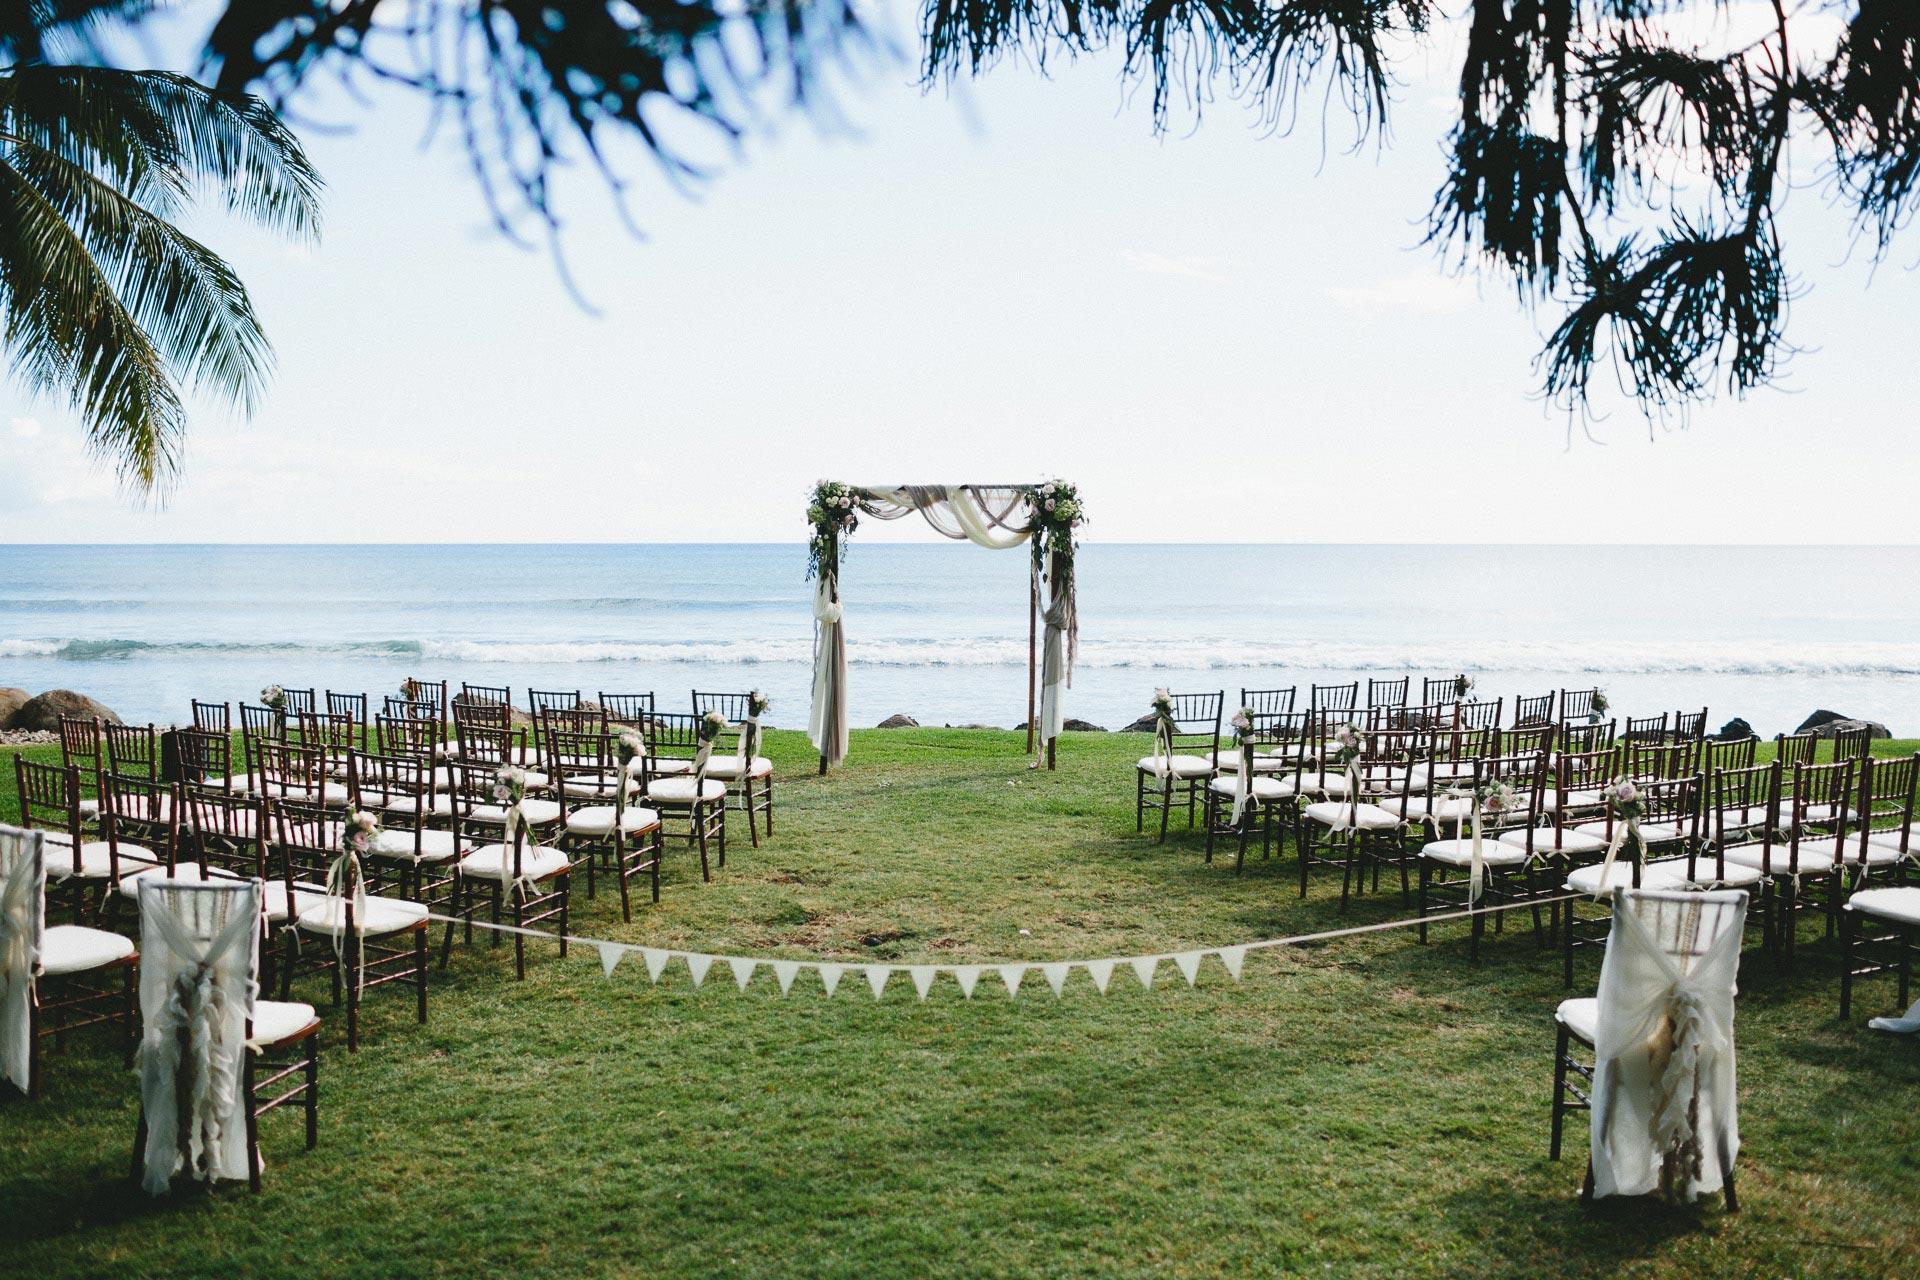 KW-Maui-Hawaii-Wedding-083@2x.jpg